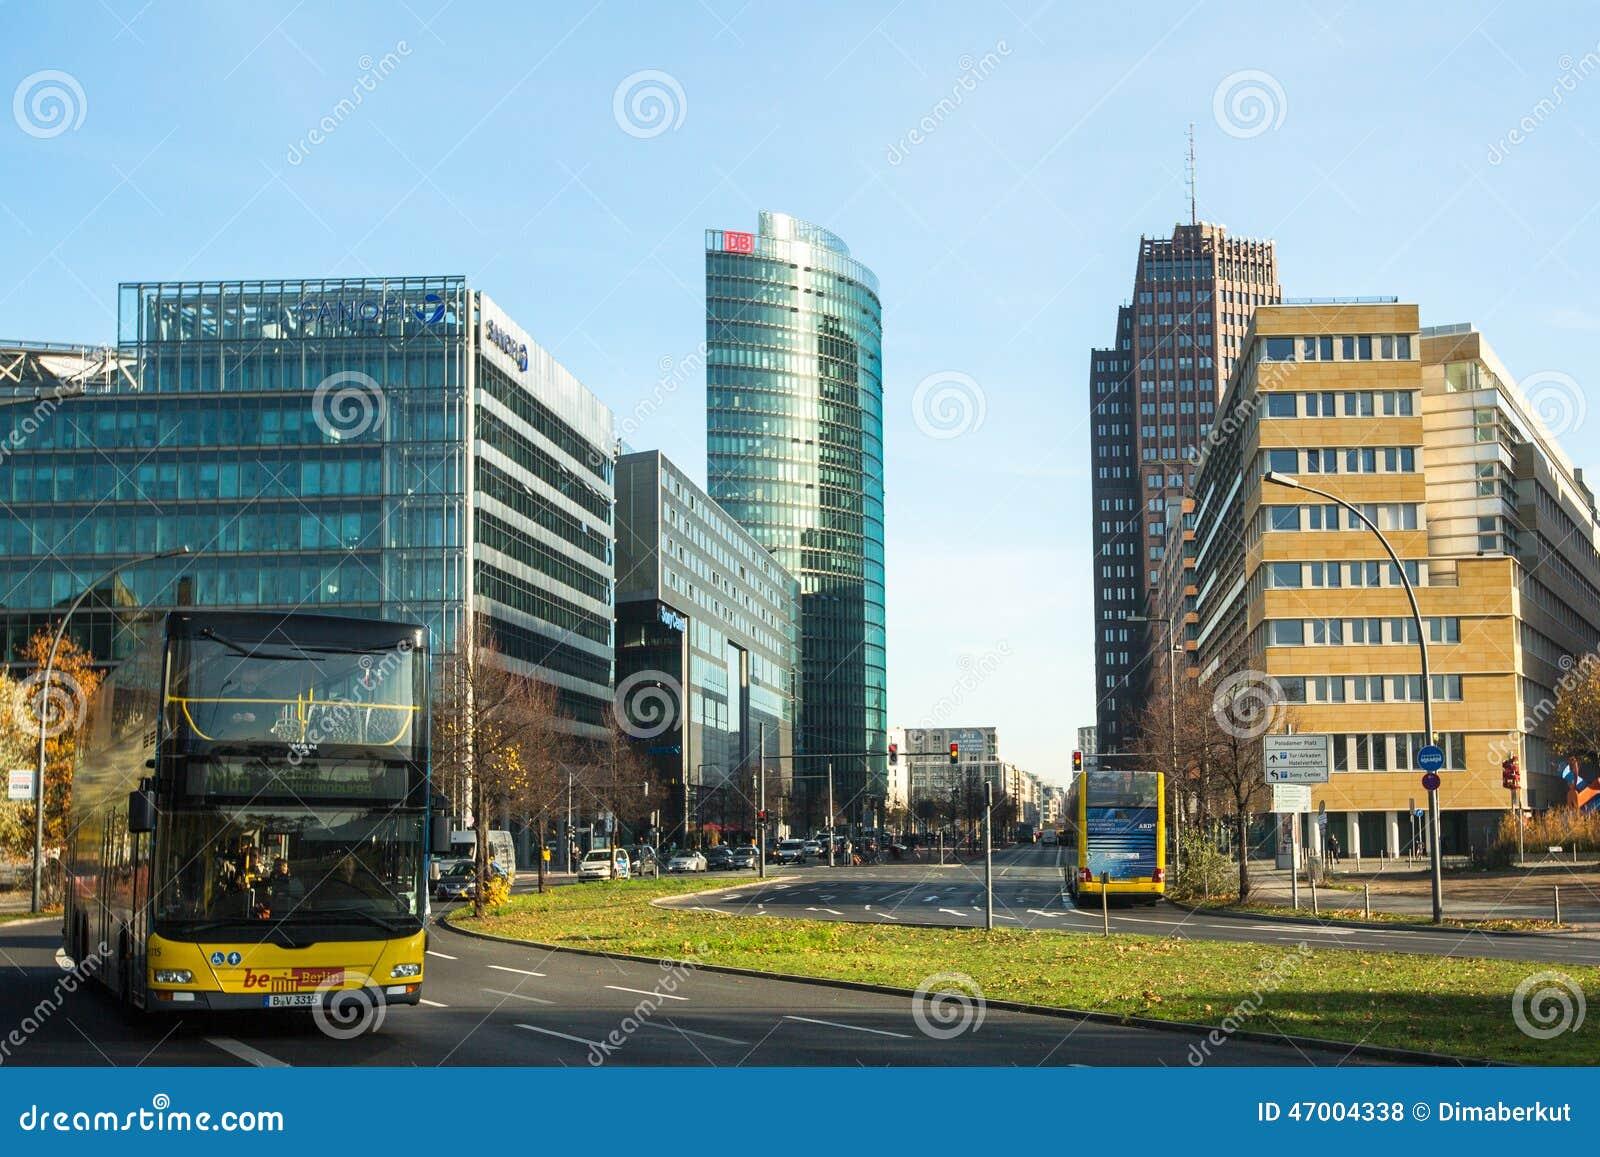 柏林,德国-在波茨坦广场的索尼中心图片